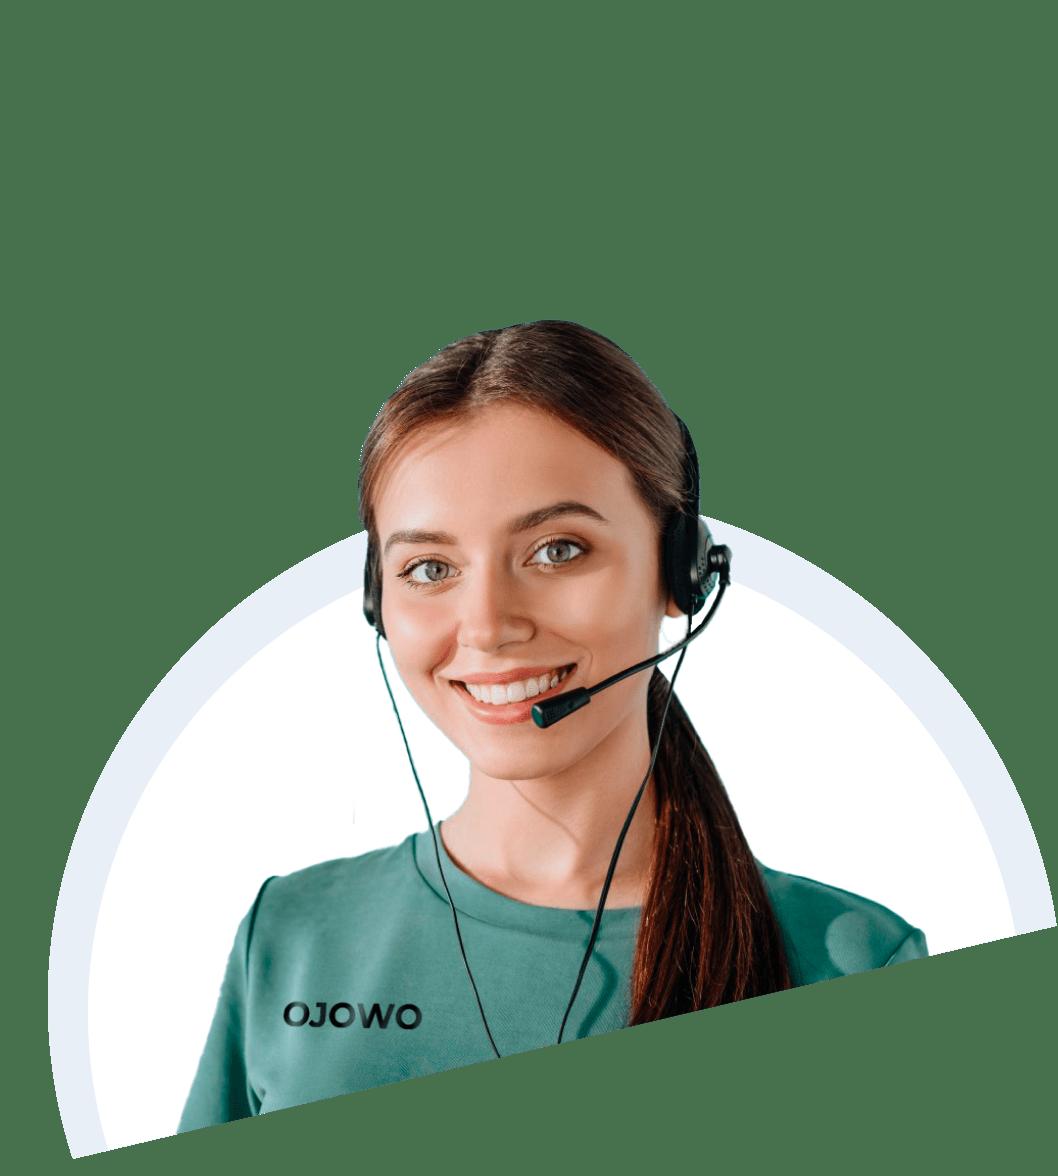 Служба поддержки сервиса для продажи онлайн курсов OJOWO